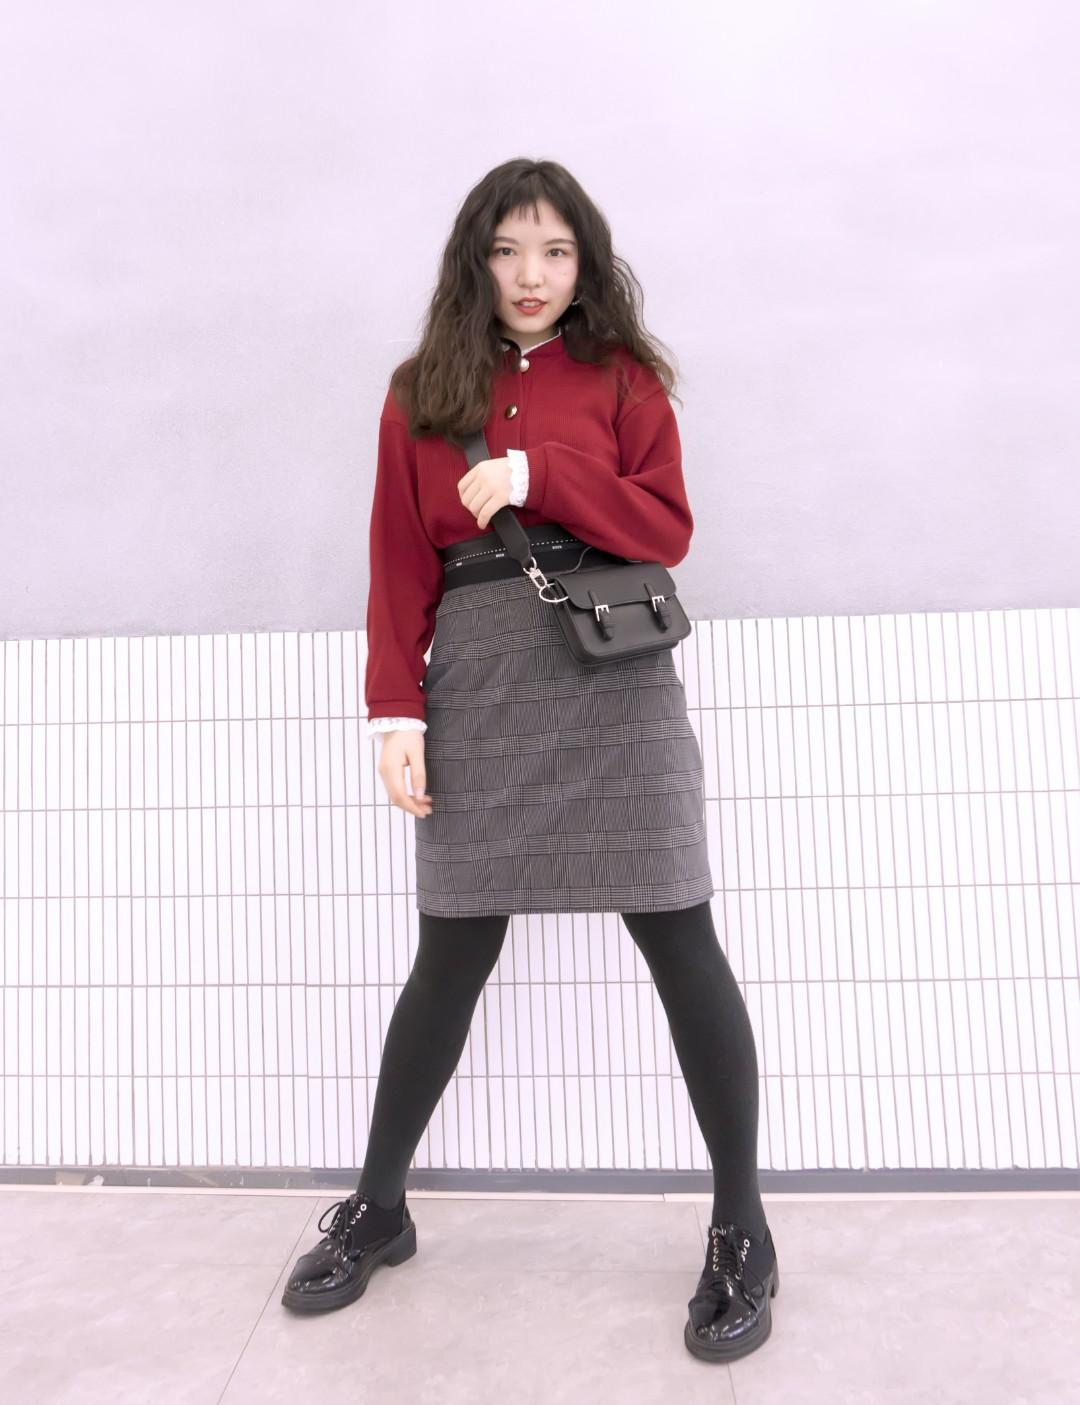 #我的返工通勤look秒杀办公室# ✍🏼红色毛衣的纽扣很特别 ✍🏼每一颗都不一样 ✍🏼包臀裙也特别好穿 ✍🏼腰头部分的设计特别显腰细 ✍🏼长度也刚好可以遮住大腿多余的肉 🌟🌟🌟🌟超极加分🌟🌟🌟🌟